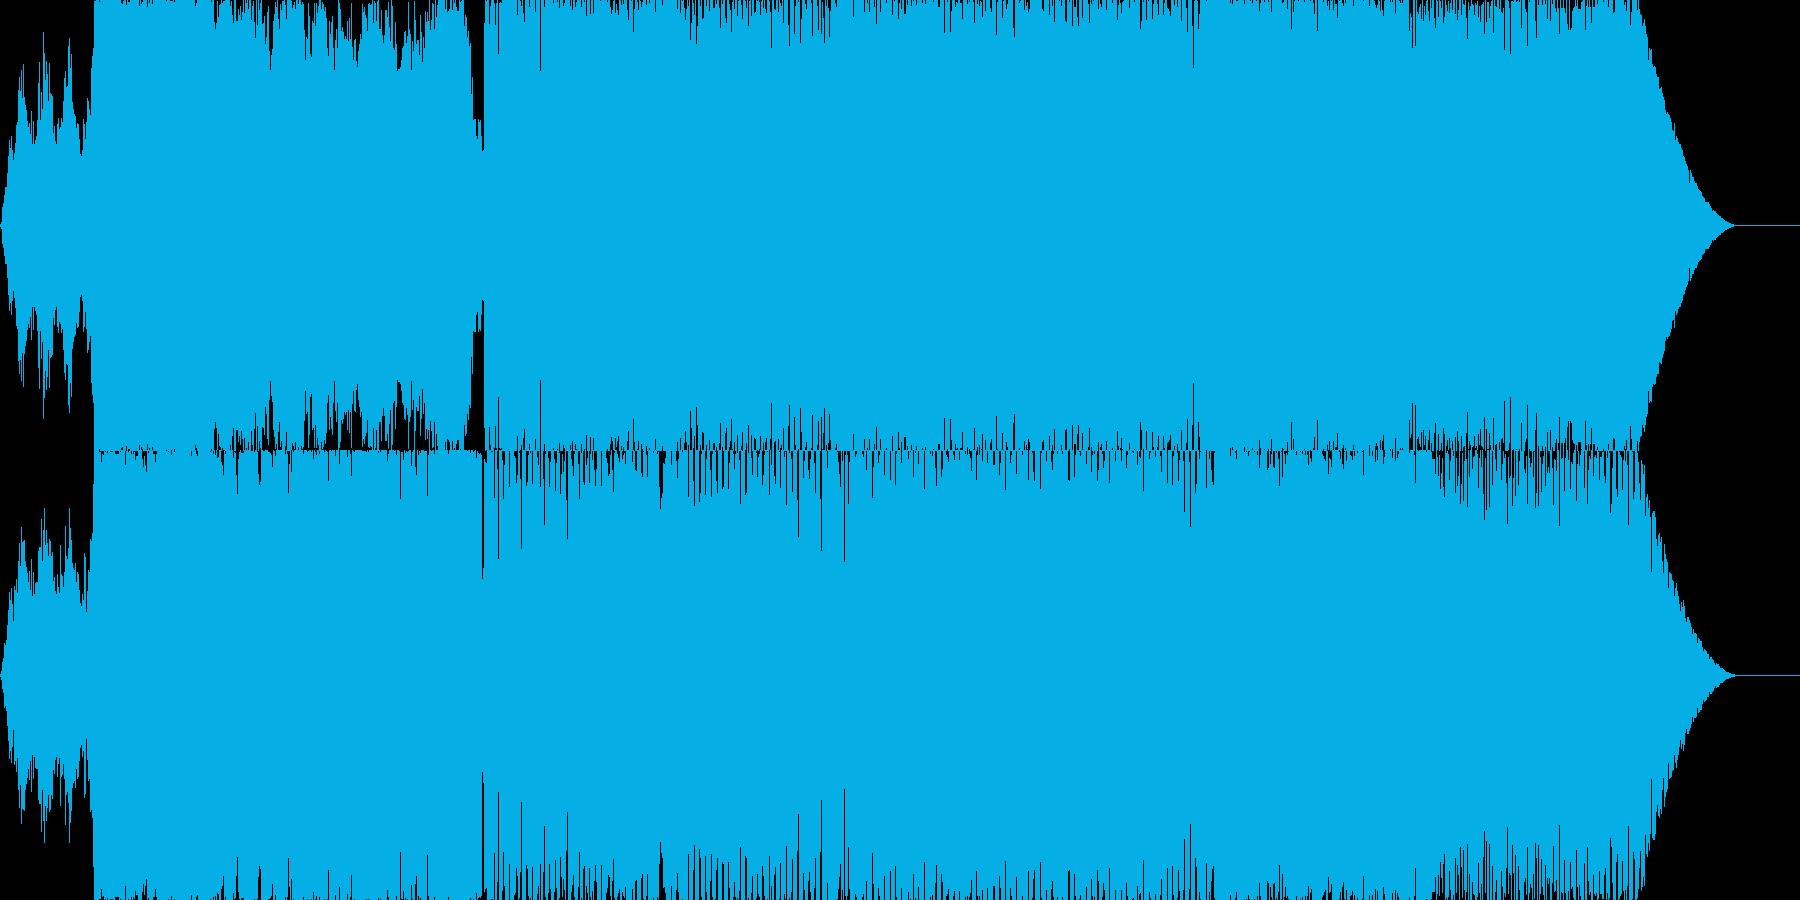 近未来なイメージのエレクトロサウンドの再生済みの波形